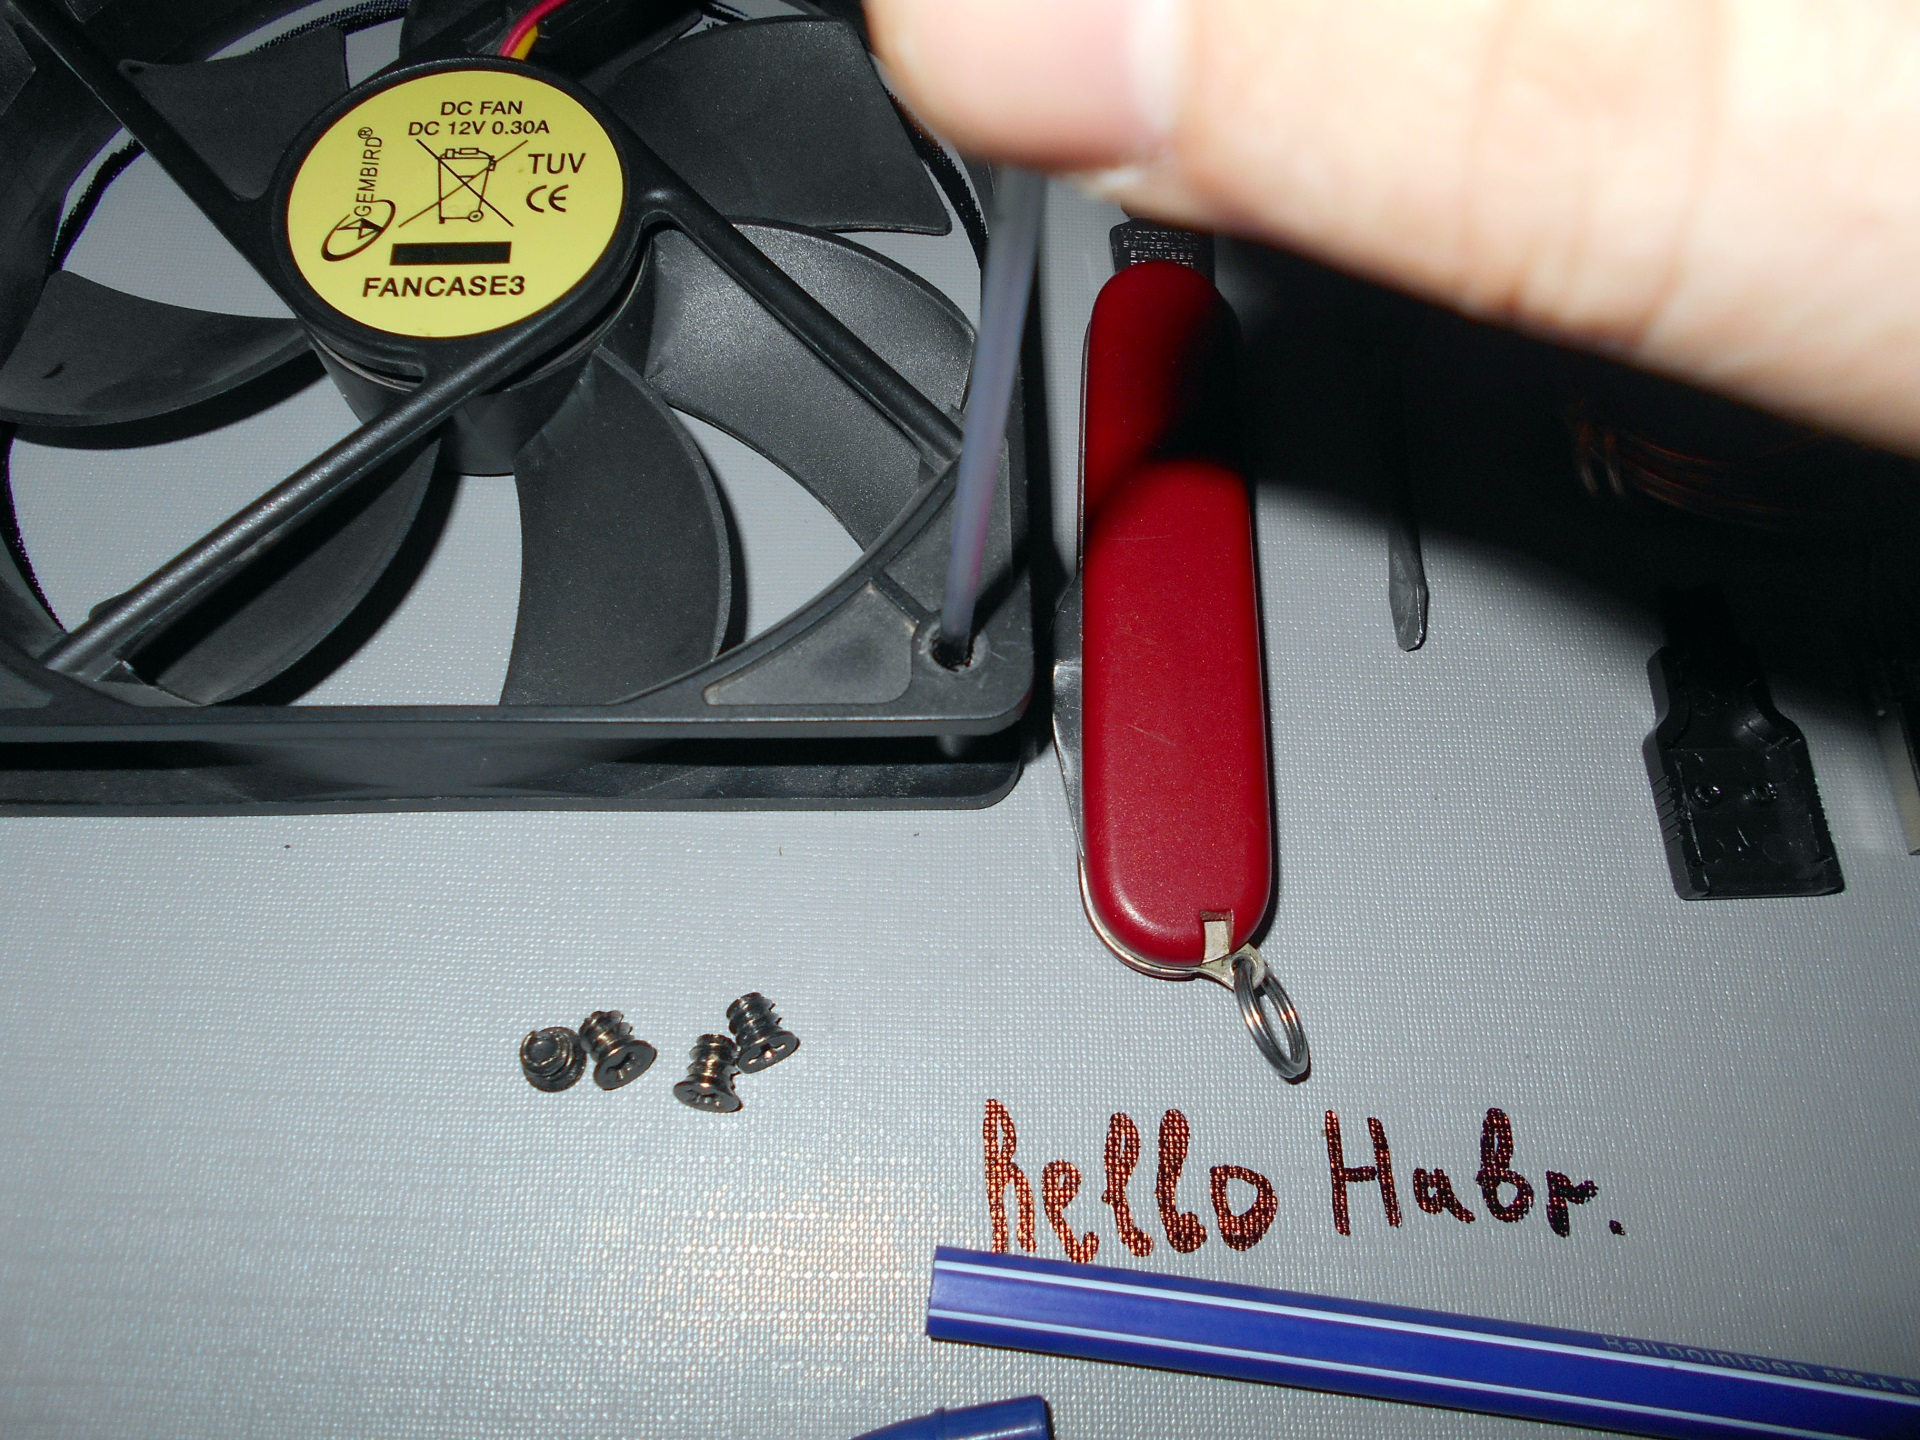 Подставка для охлаждения для ноутбука своими руками